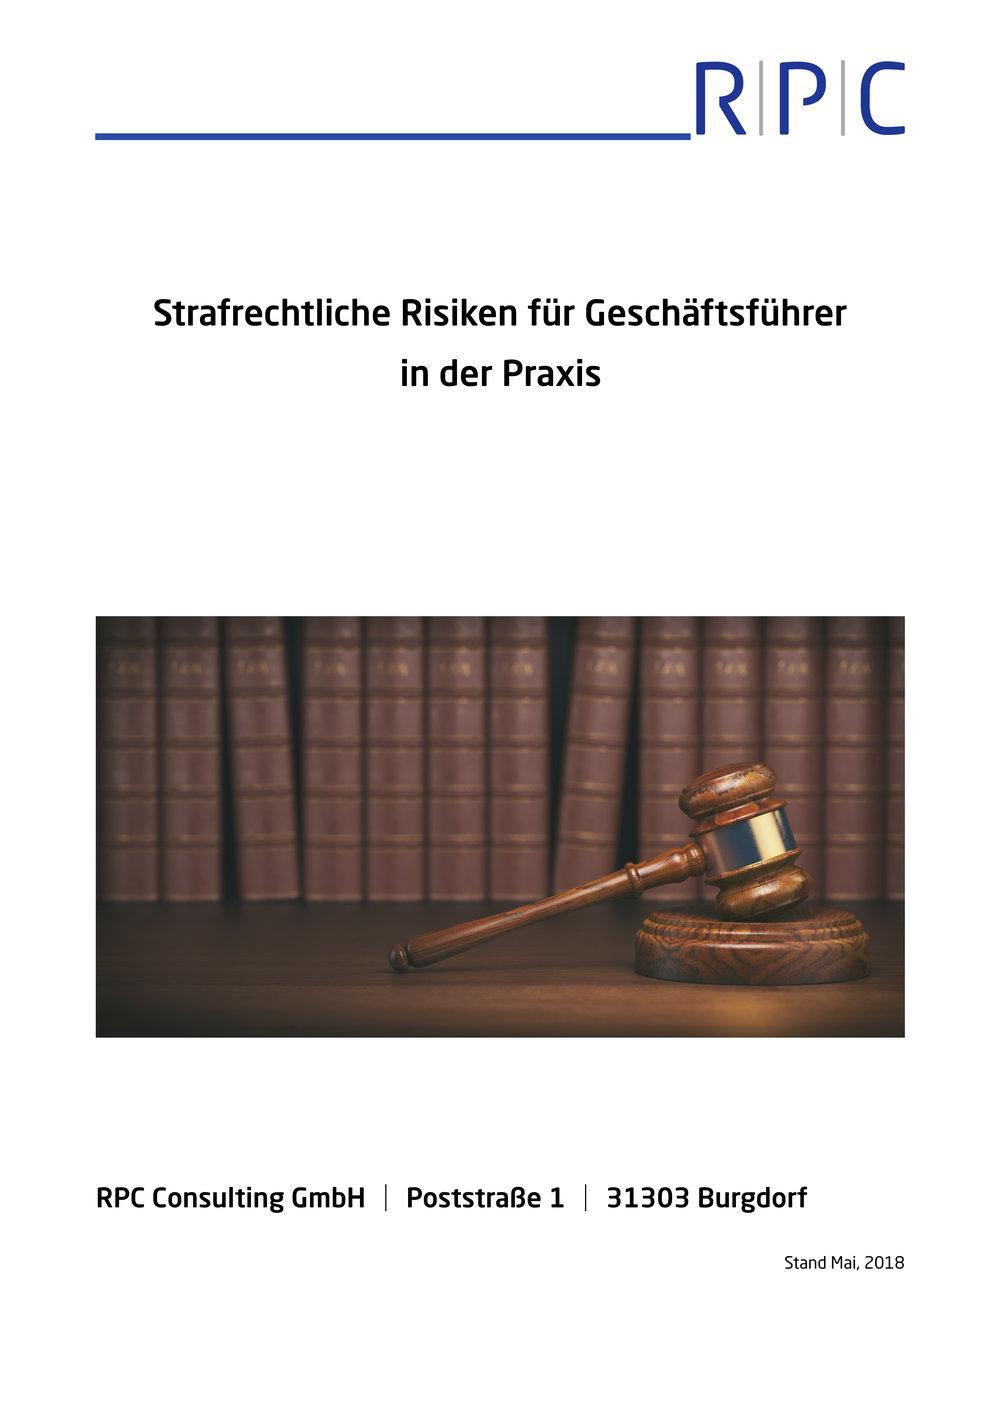 Strafrecht - Strafrechtliche Risiken für Geschäftsführer